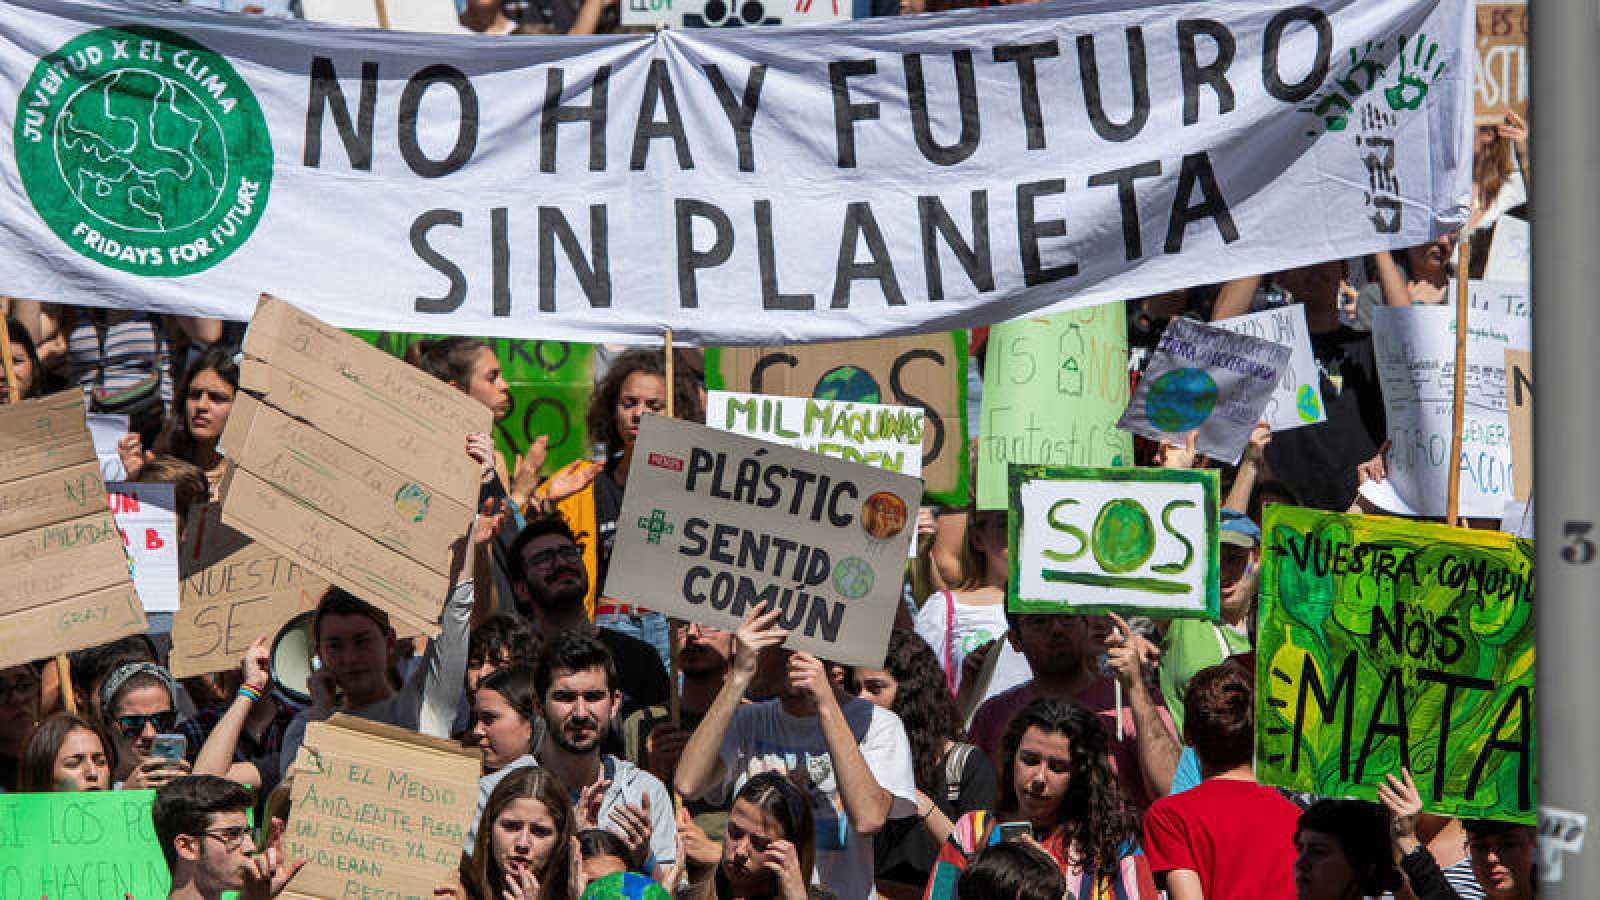 Jóvenes estudiantes pertenecientes al movimiento 'Fridays for Future' se manifiestan para pedir medidas políticas contra el cambio climático.